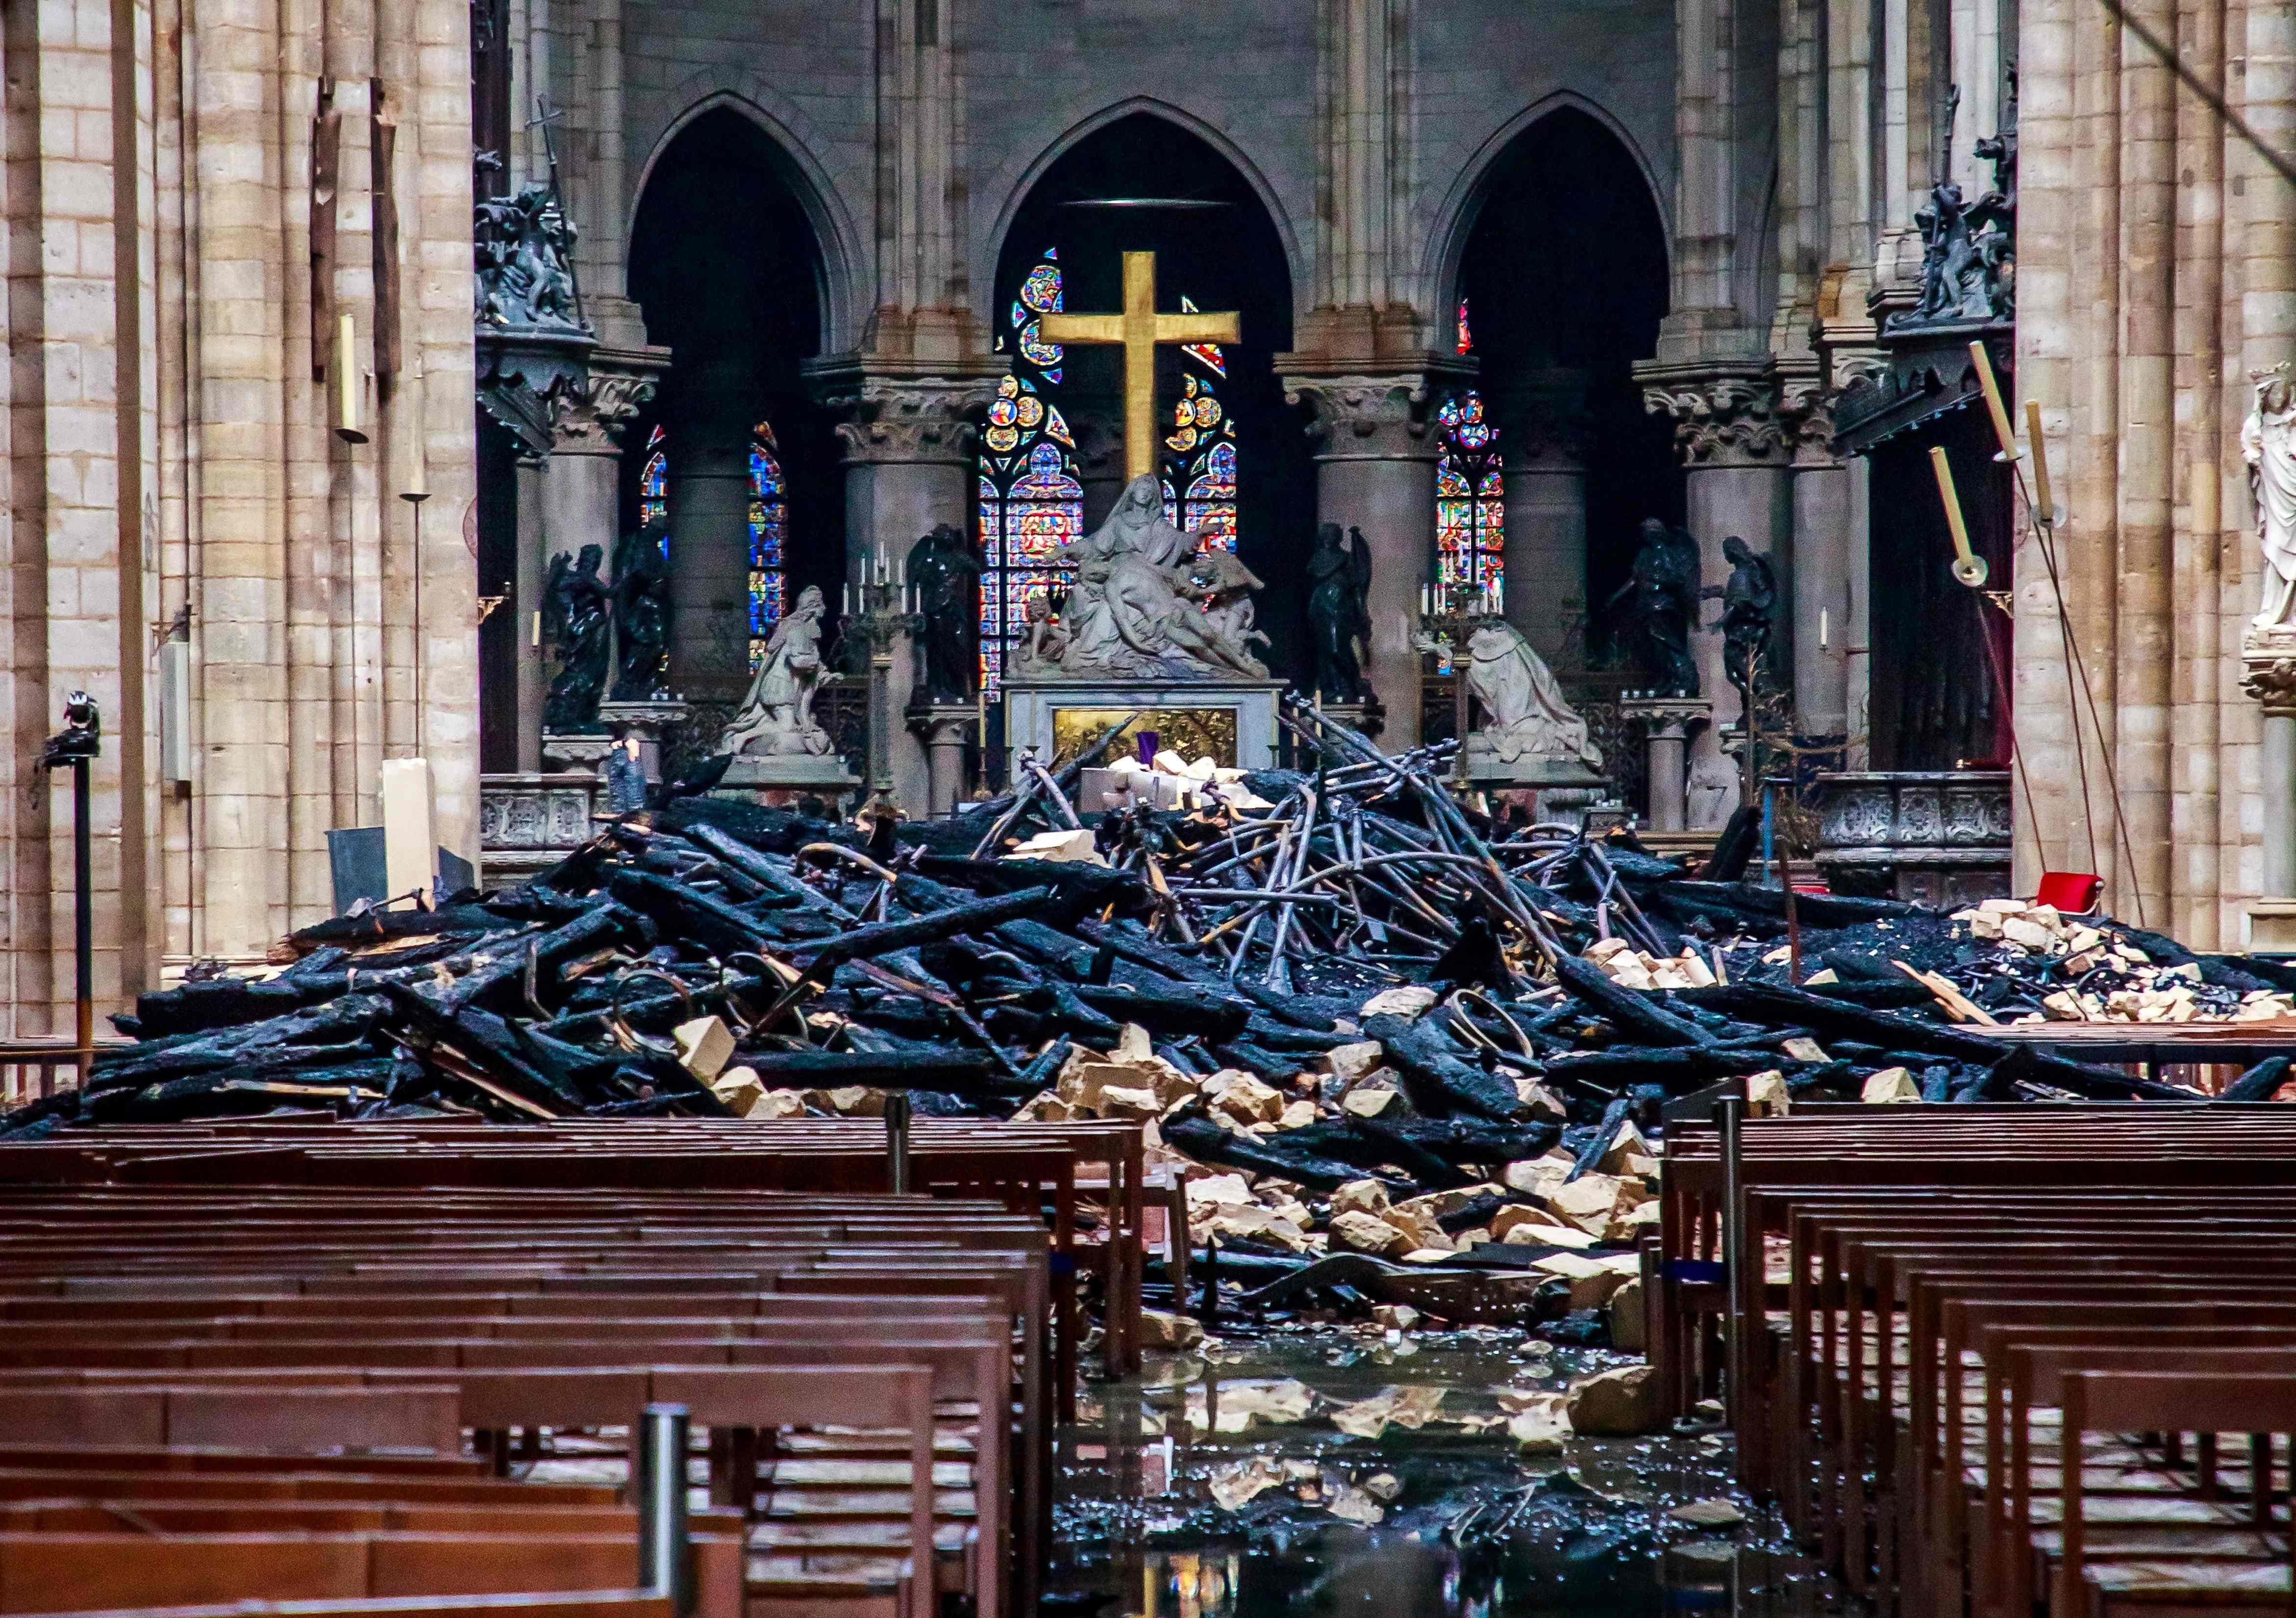 Una vista general muestra los escombros dentro de la catedral en Francia. Foto Prensa Libre: AFP